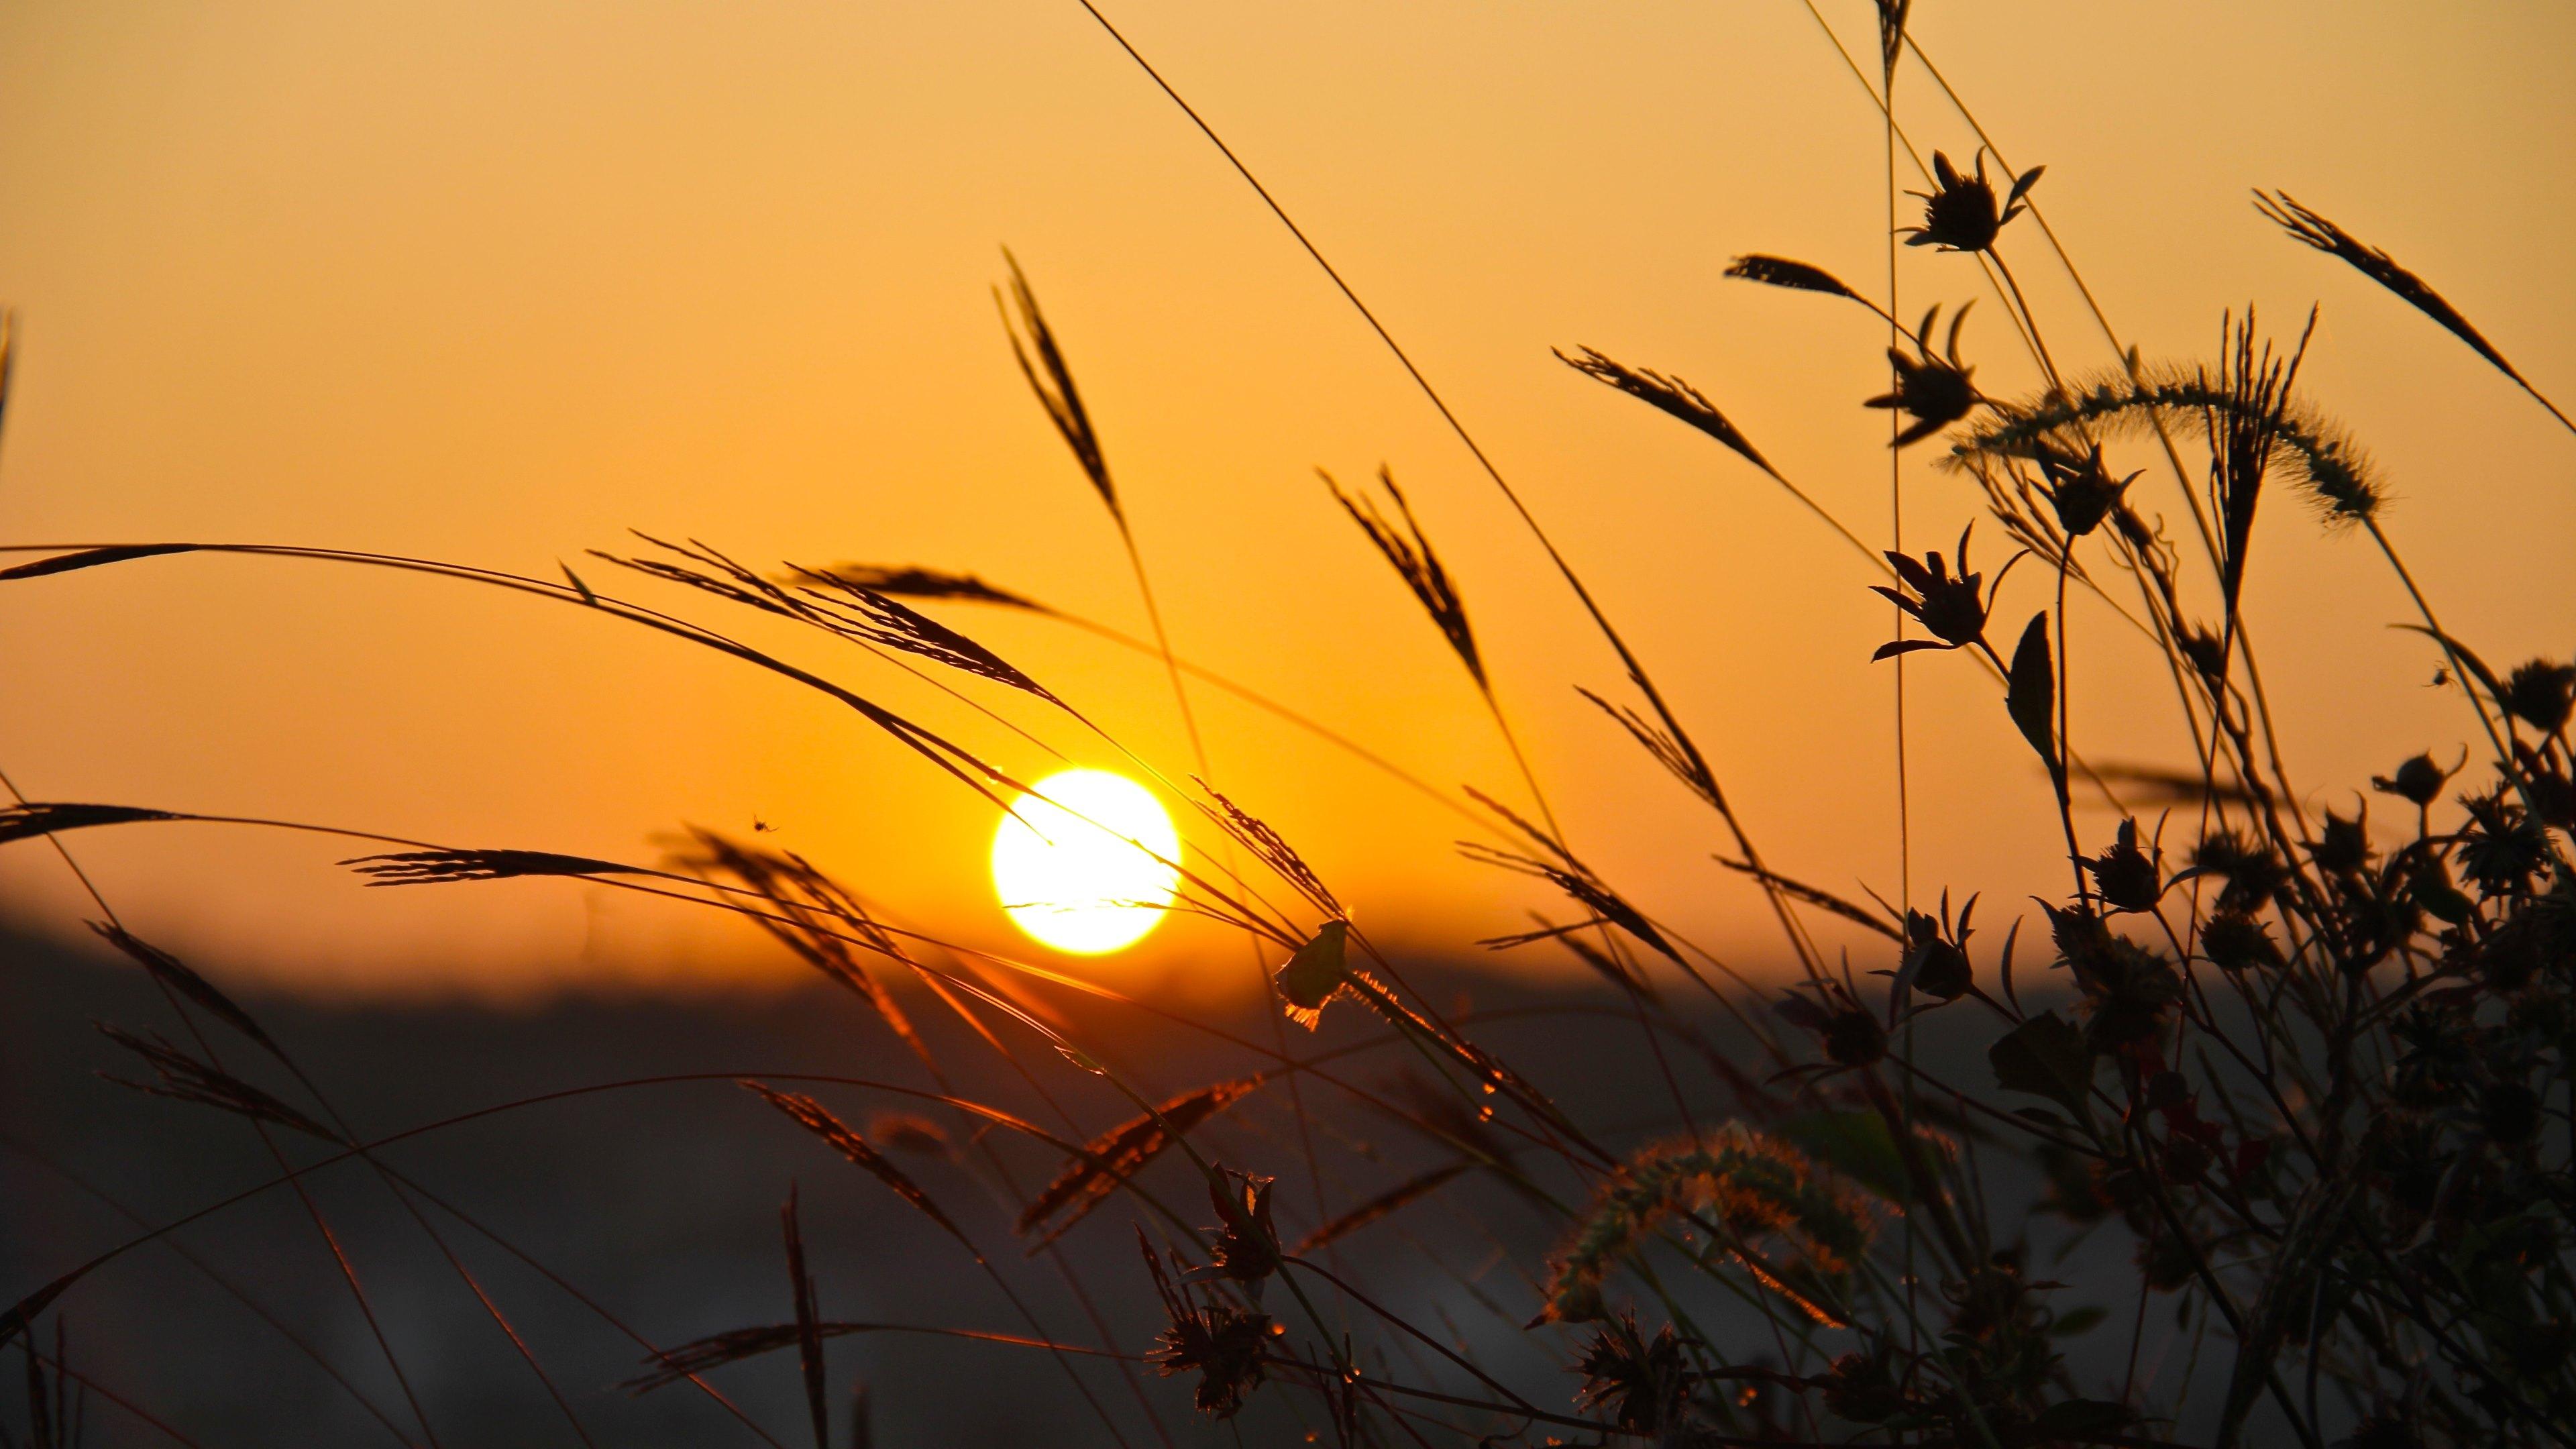 Mặt trời vàng tươi vào ngày mùa hè